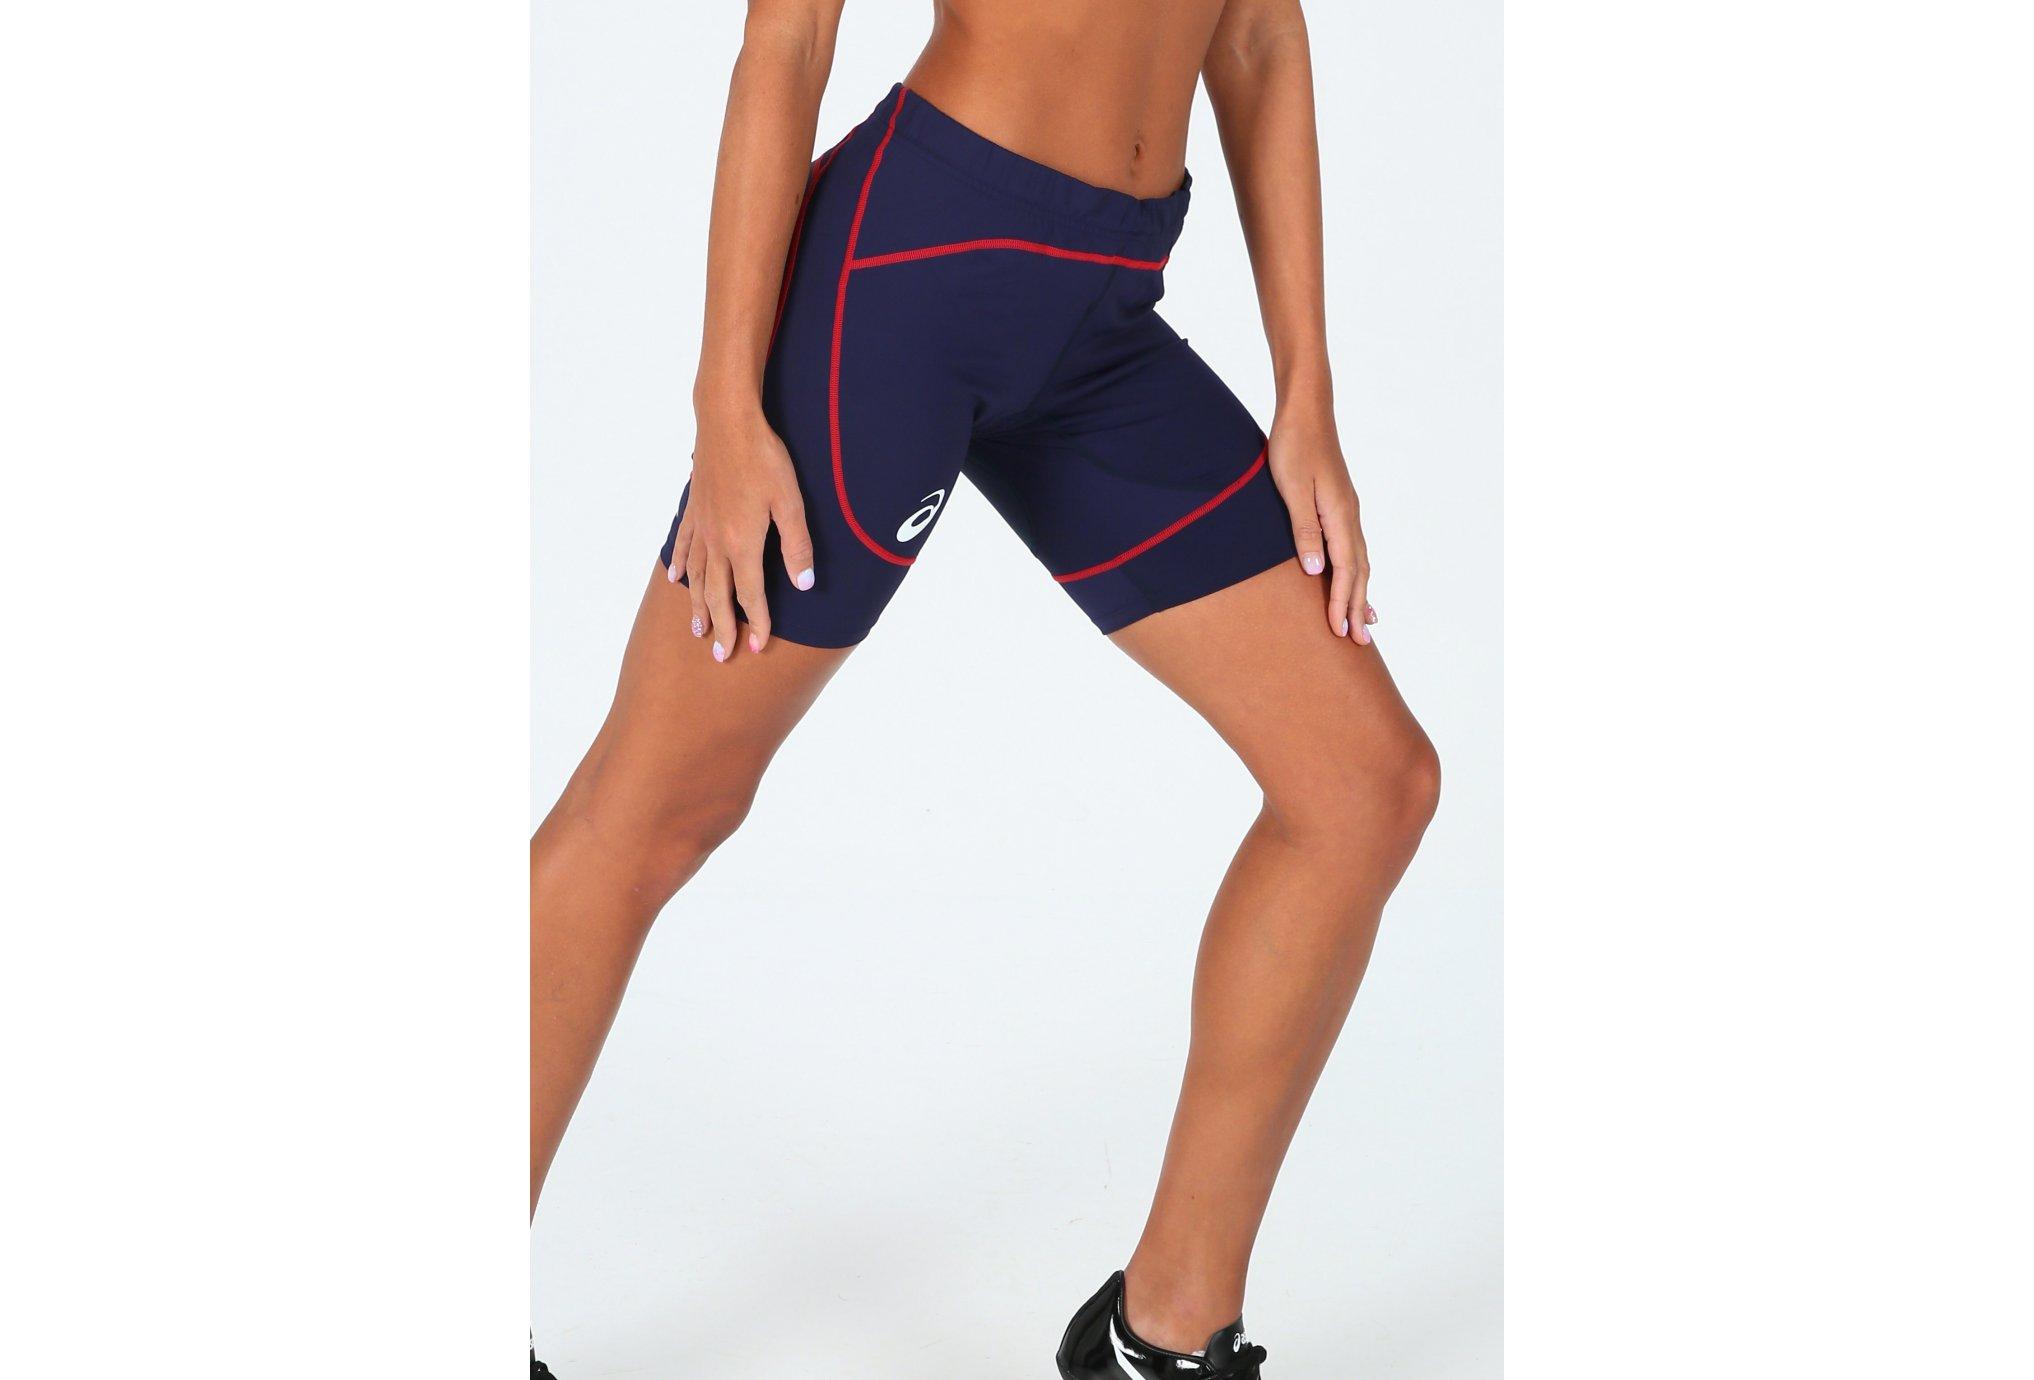 Asics T&F Sprinter Équipe de France W vêtement running femme